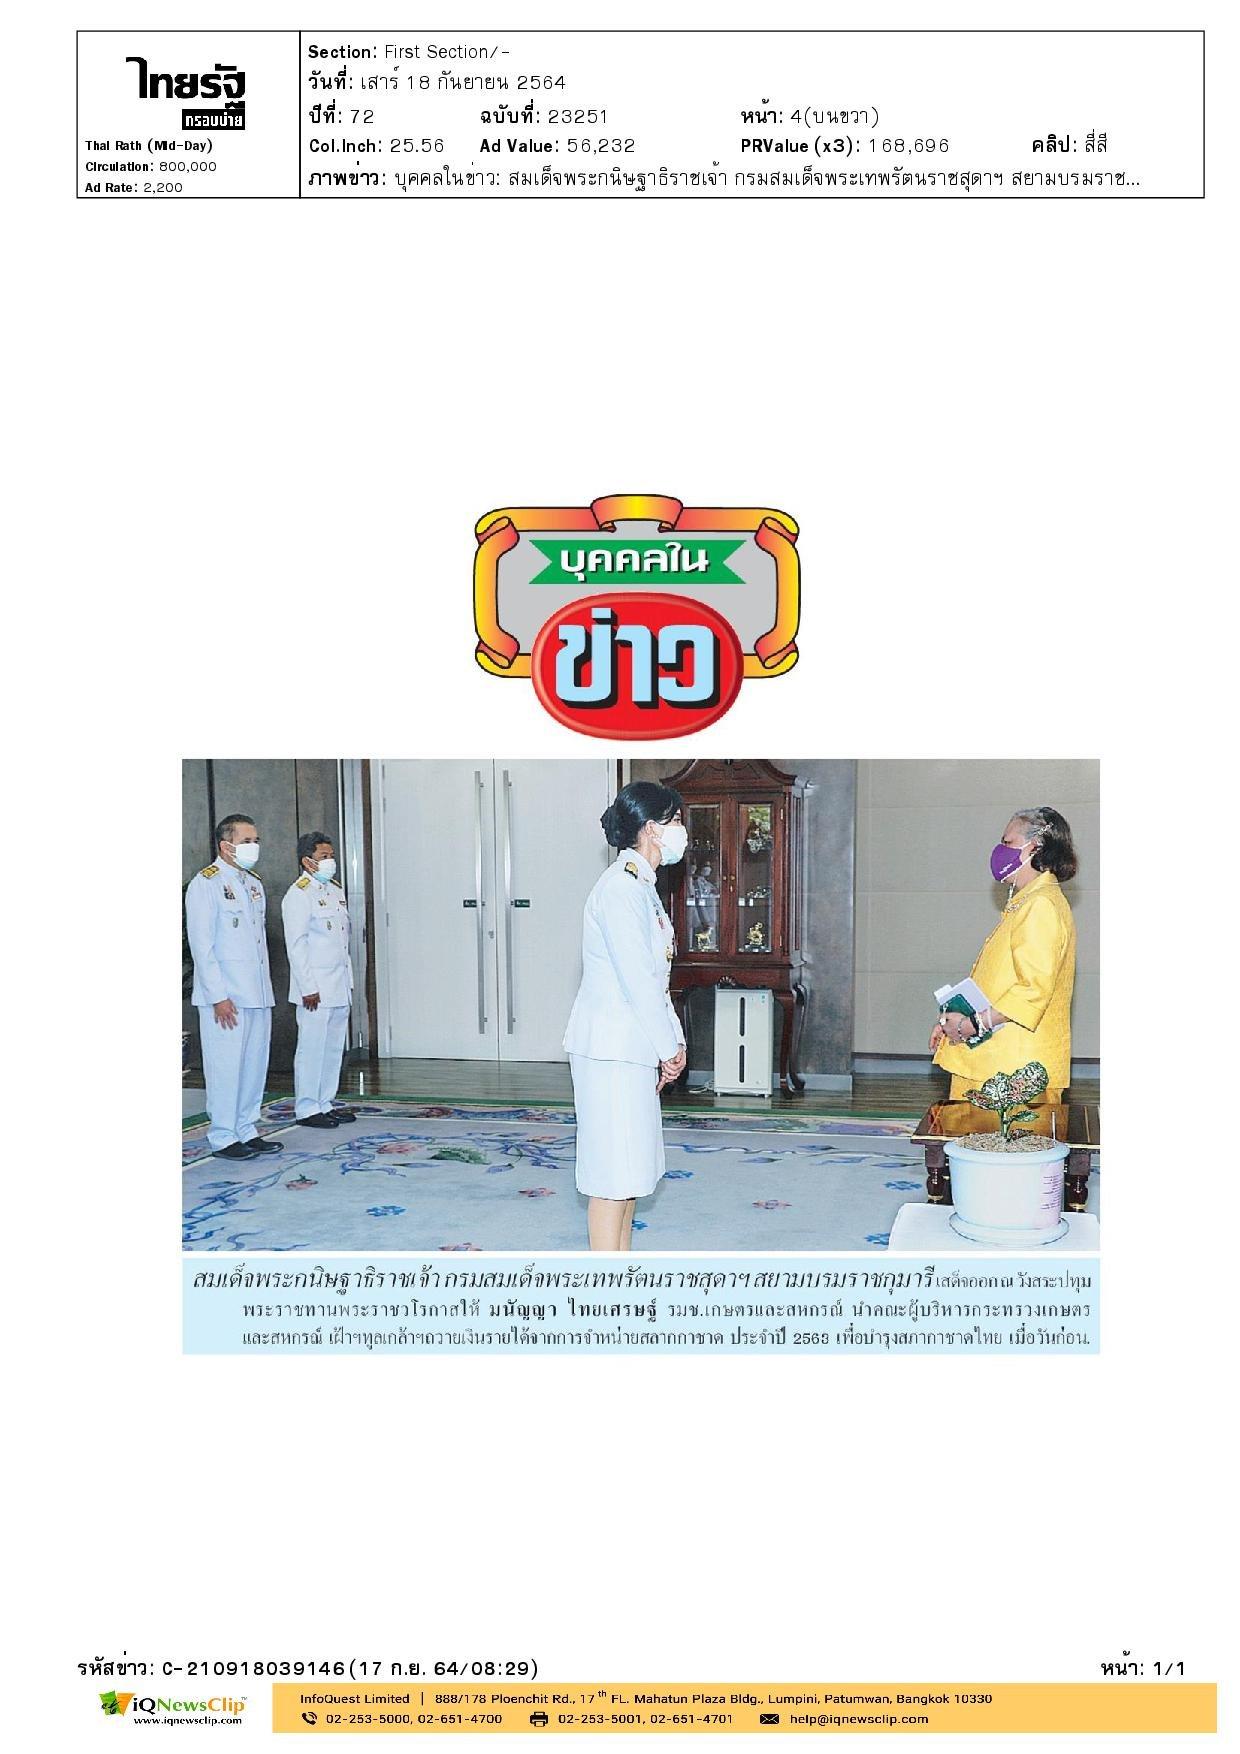 กระทรวงเกษตรและสหกรณ์ เฝ้าฯ ทูลเกล้าฯ ถวายเงิน ซึ่งเป็นรายได้จากการจำหน่ายสลากกาชาด ประจำปี 2563 เพื่อบำรุงสภากาชาดไทย